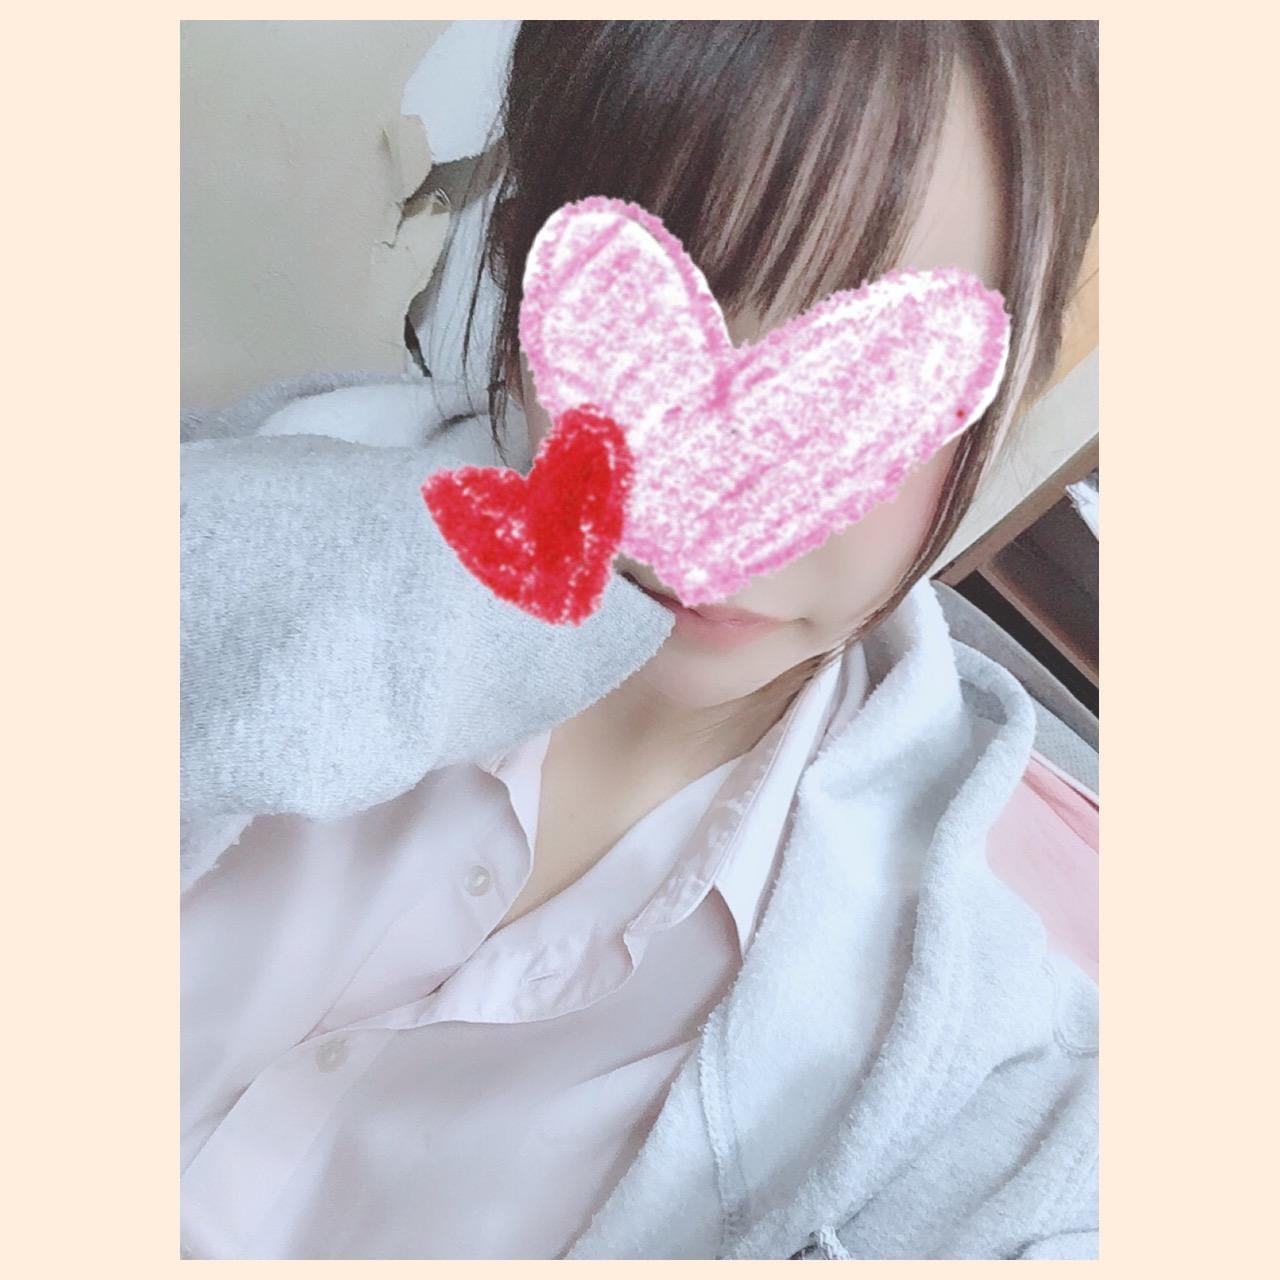 「かな」11/01(木) 13:22 | かなの写メ・風俗動画